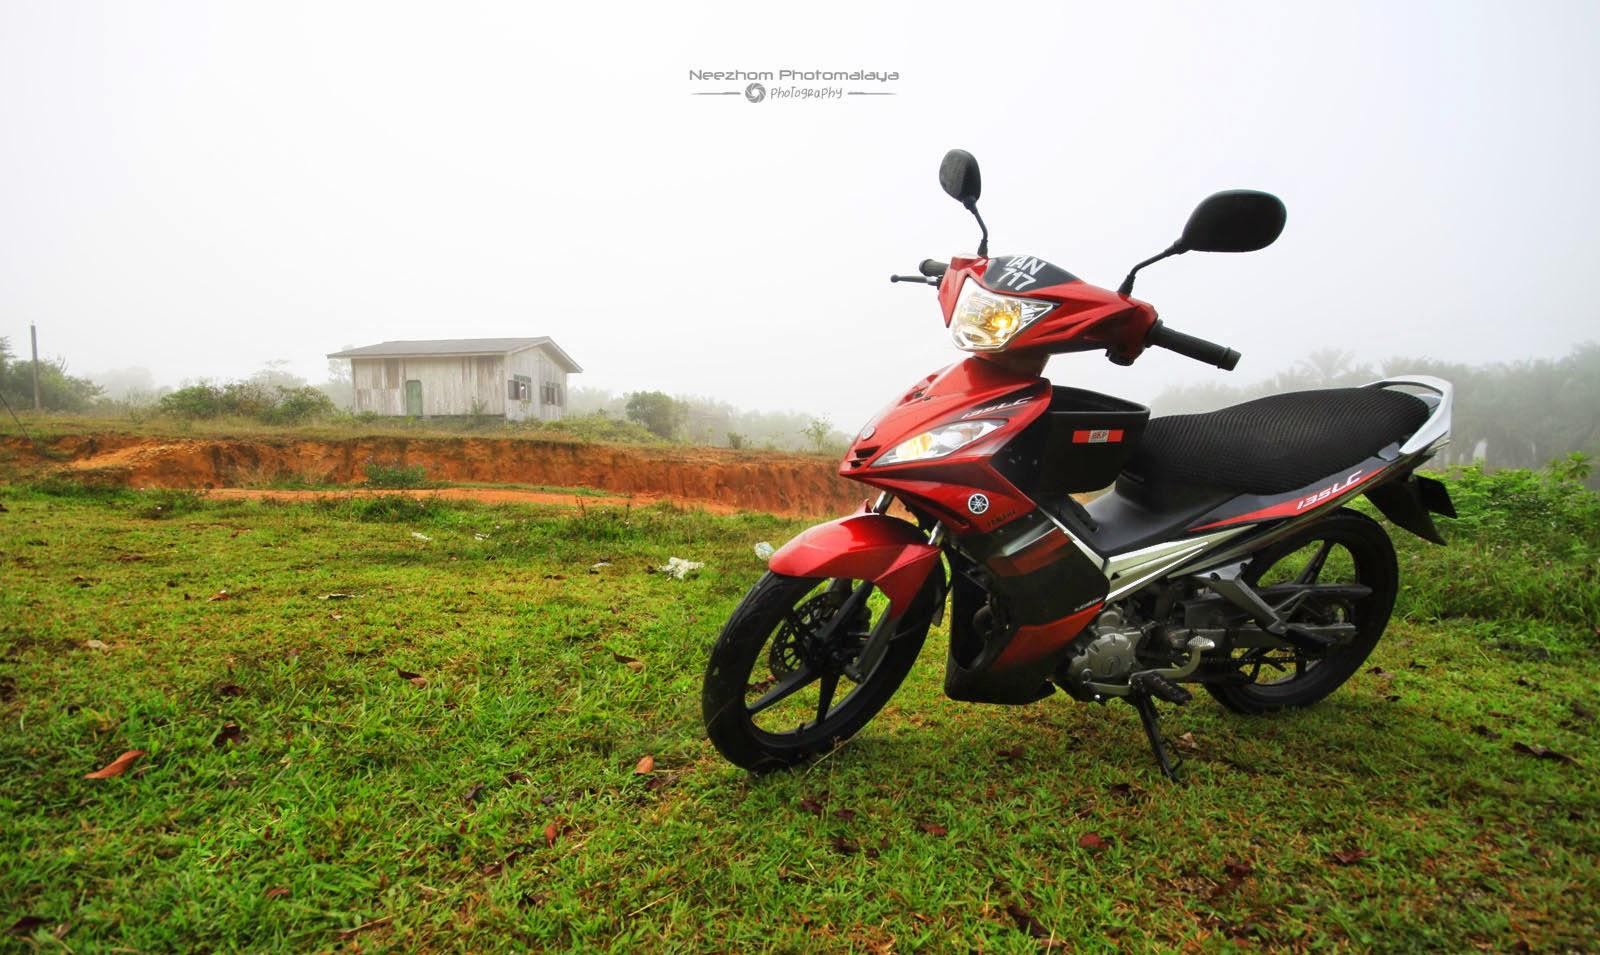 Kabus di Kampung Paya Akob, Kuala Berang dan Yamaha LC 135